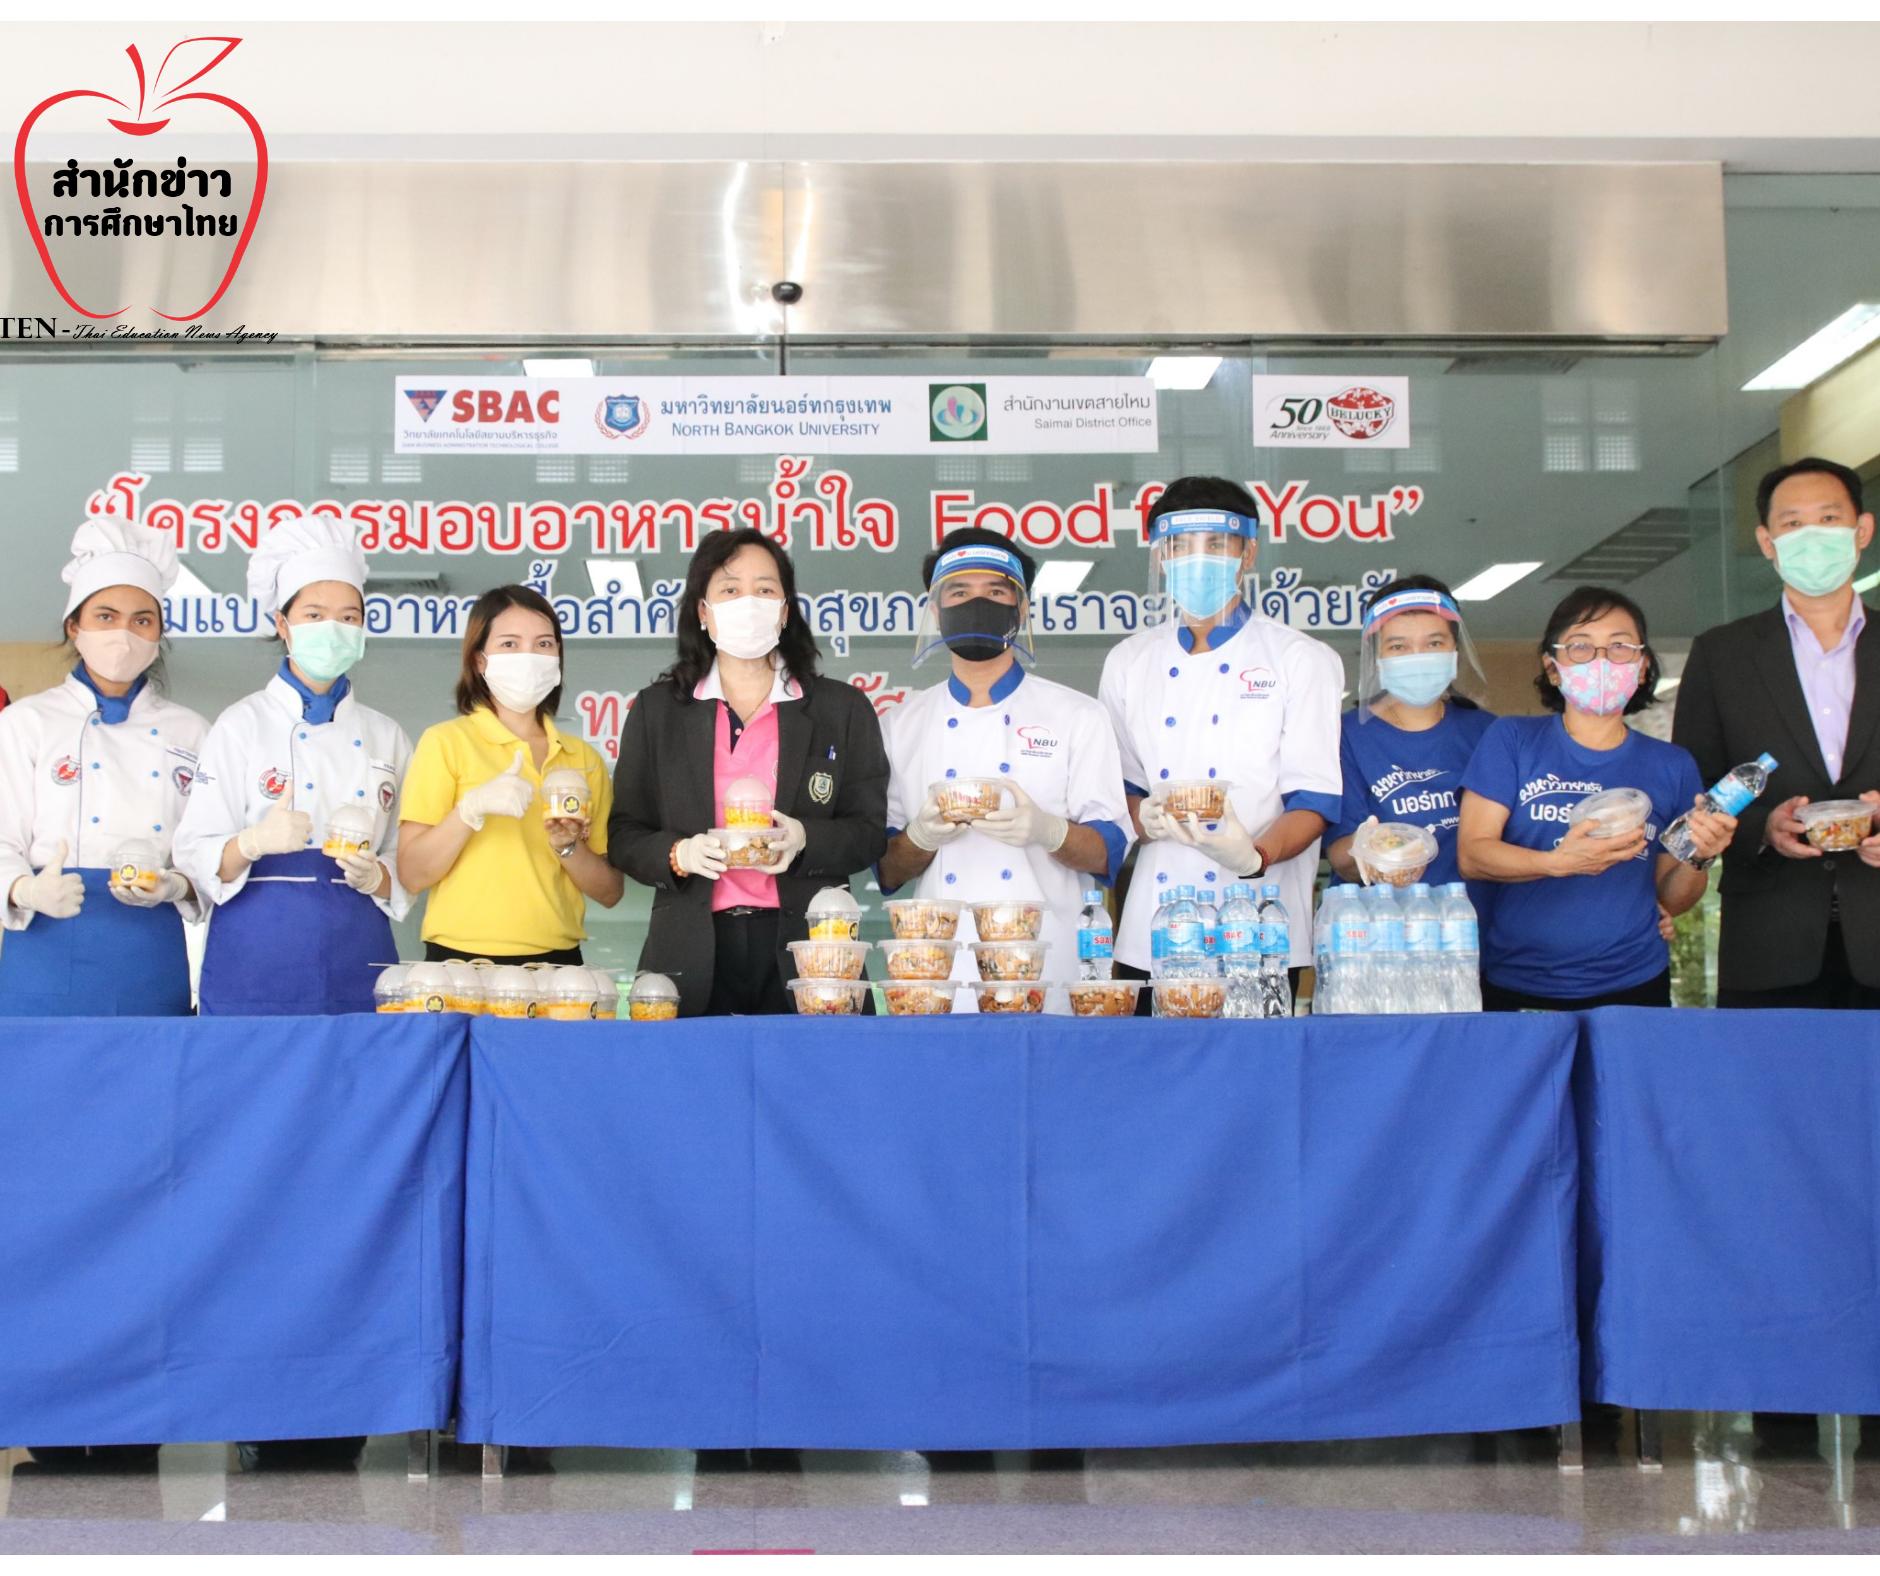 ม.นอร์ทกรุงเทพ จับมือ SBAC น้ำใจคนไทย สู้ภัยโควิด-19